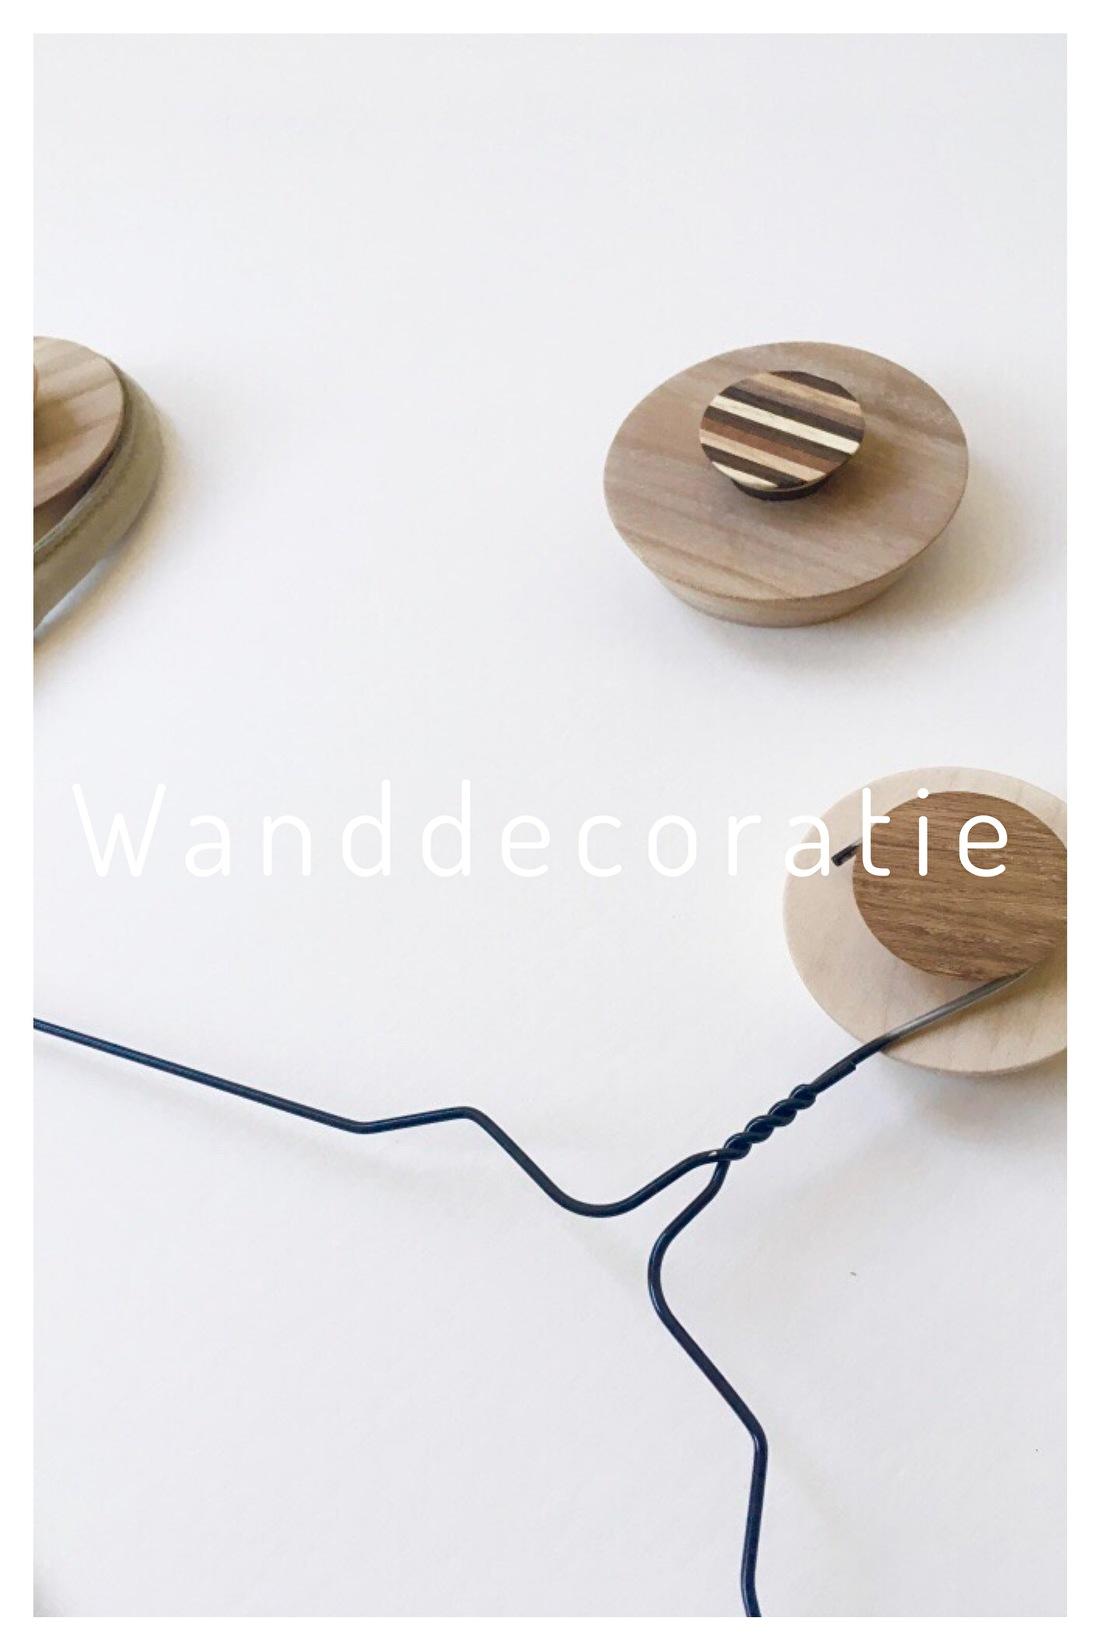 producten_home_studio_mooibos_houten_lampen_wandhaken_ringen_sieraden_oorbellen_manchetknopen_vanhout-5459.jpg